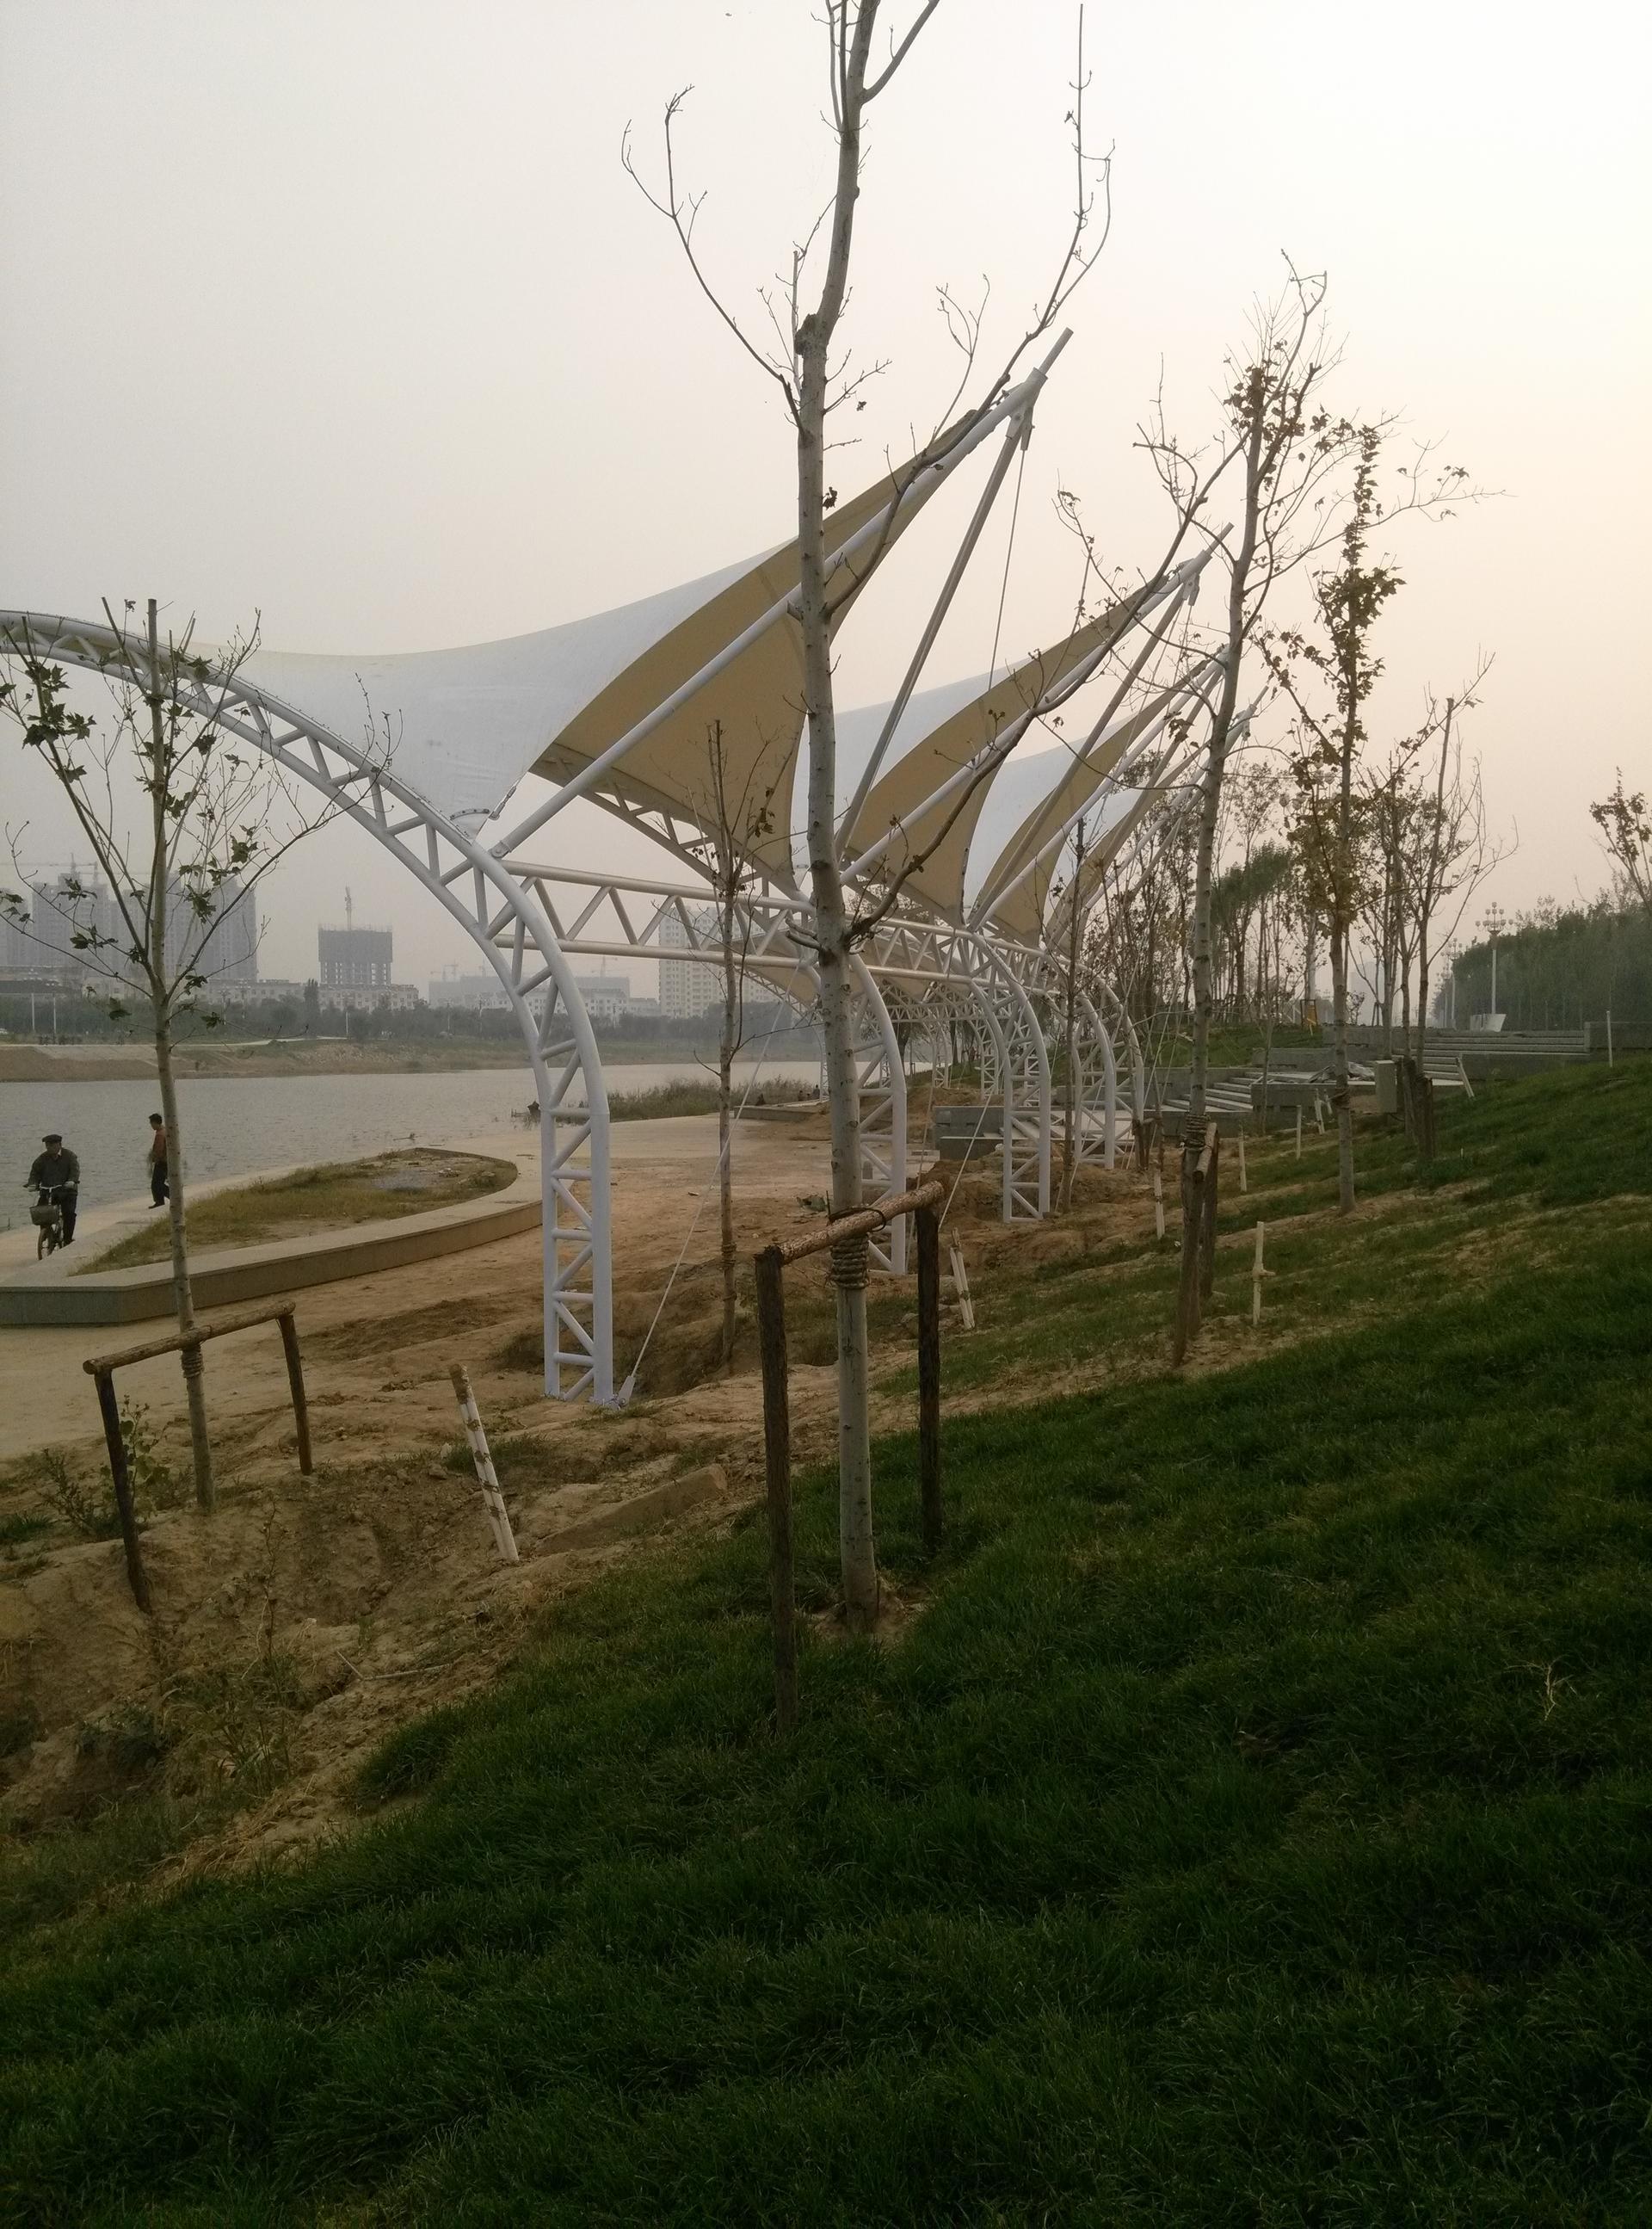 山东聊城市徒骇河景观膜结构工程